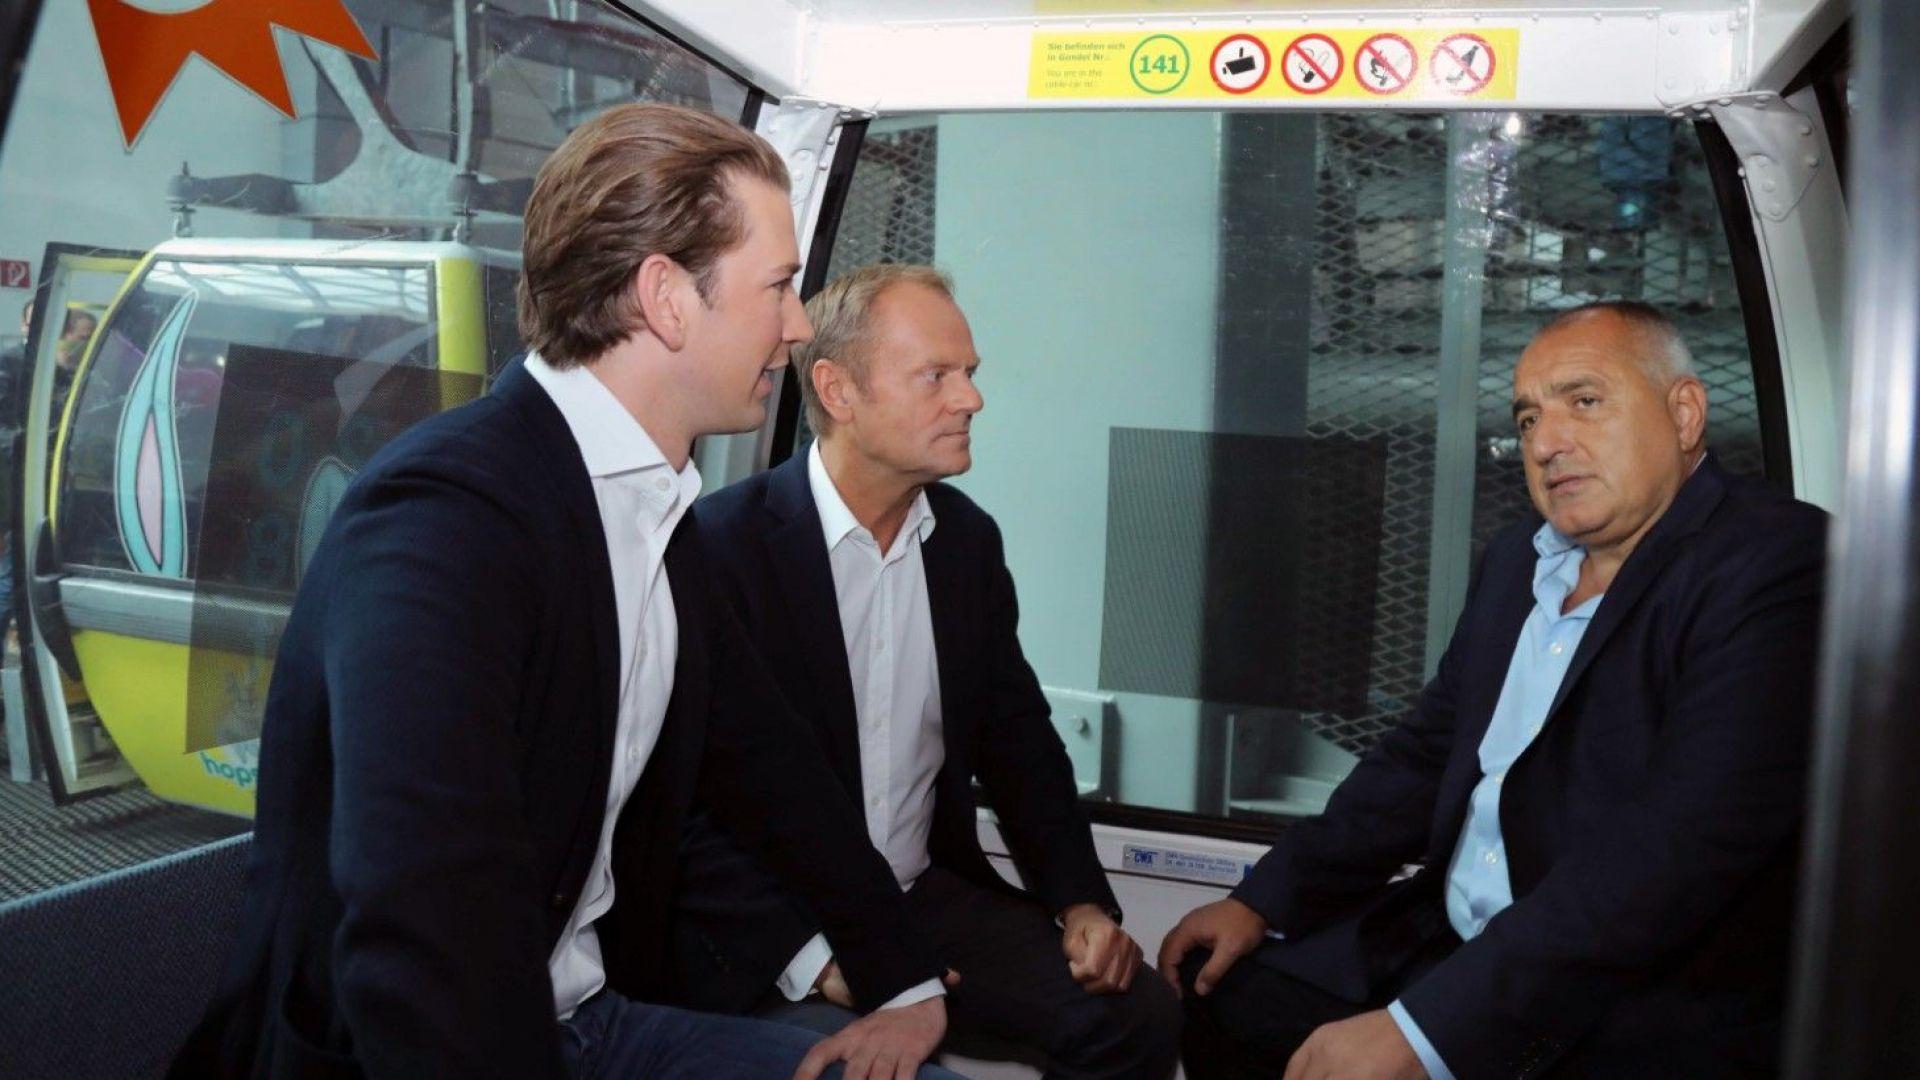 Борисов се срещна с Курц и Туск преди предаването на европредседателството